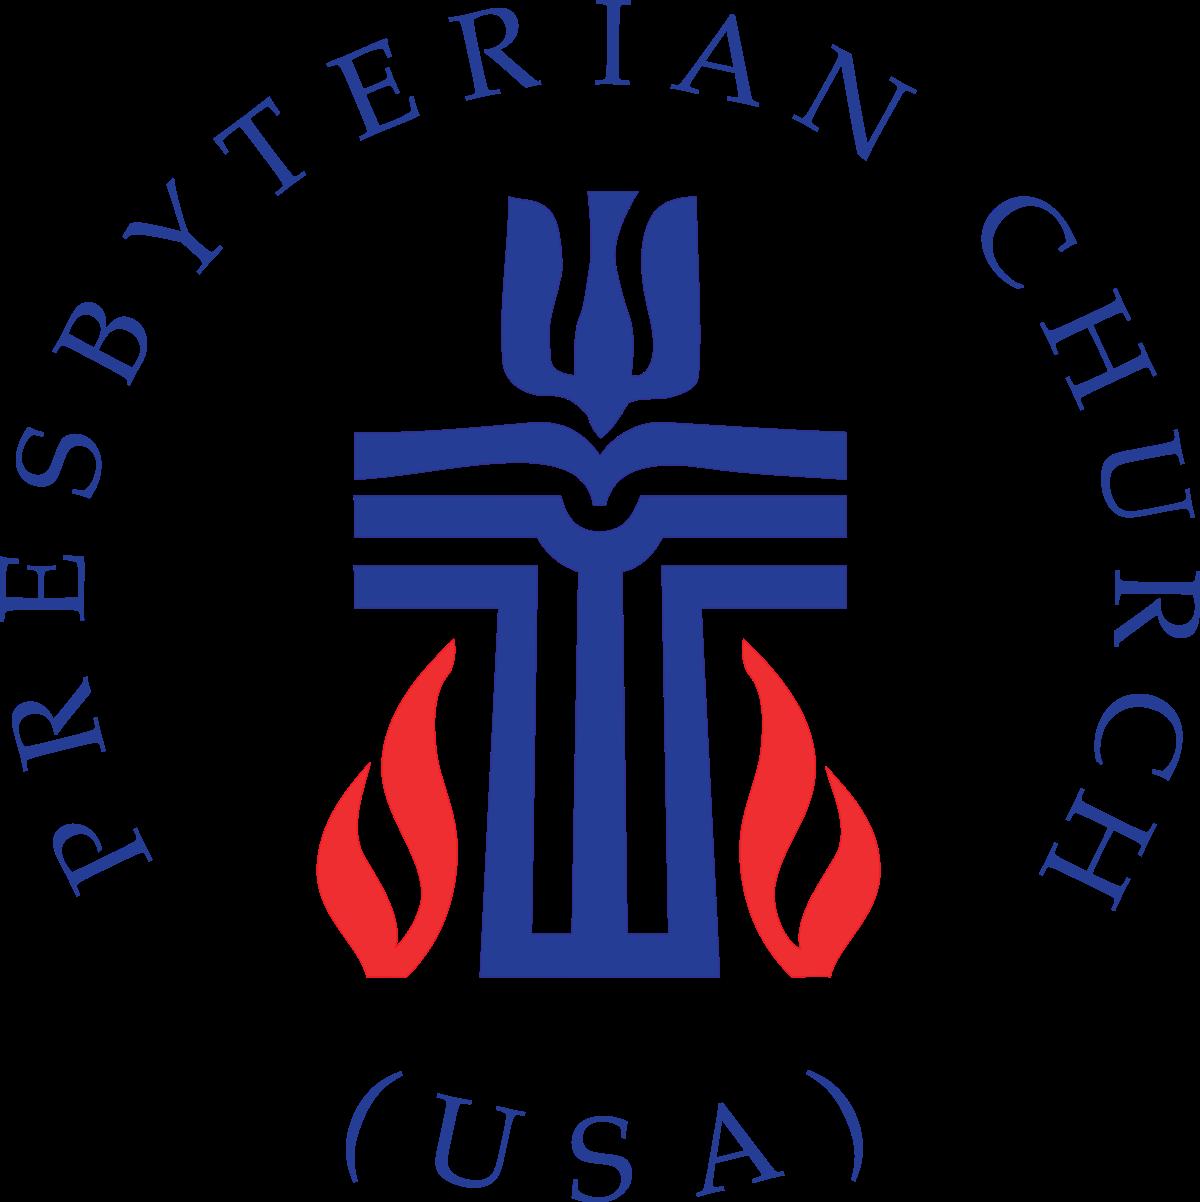 Presbyterian Church (USA).